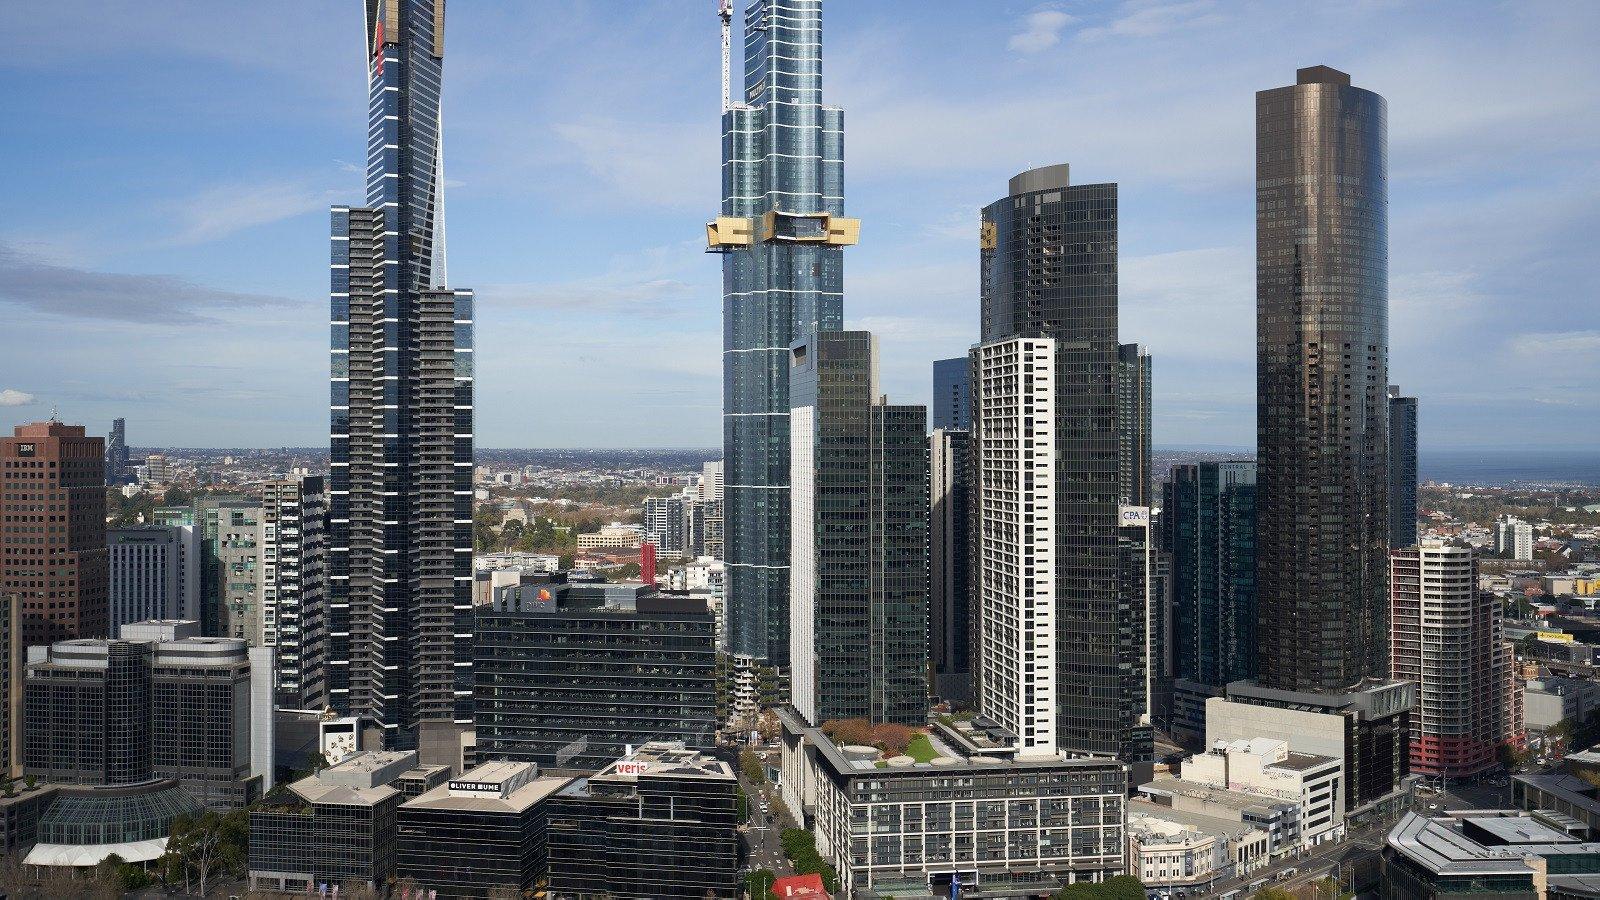 Australia 108 - Sky Rise-image-3